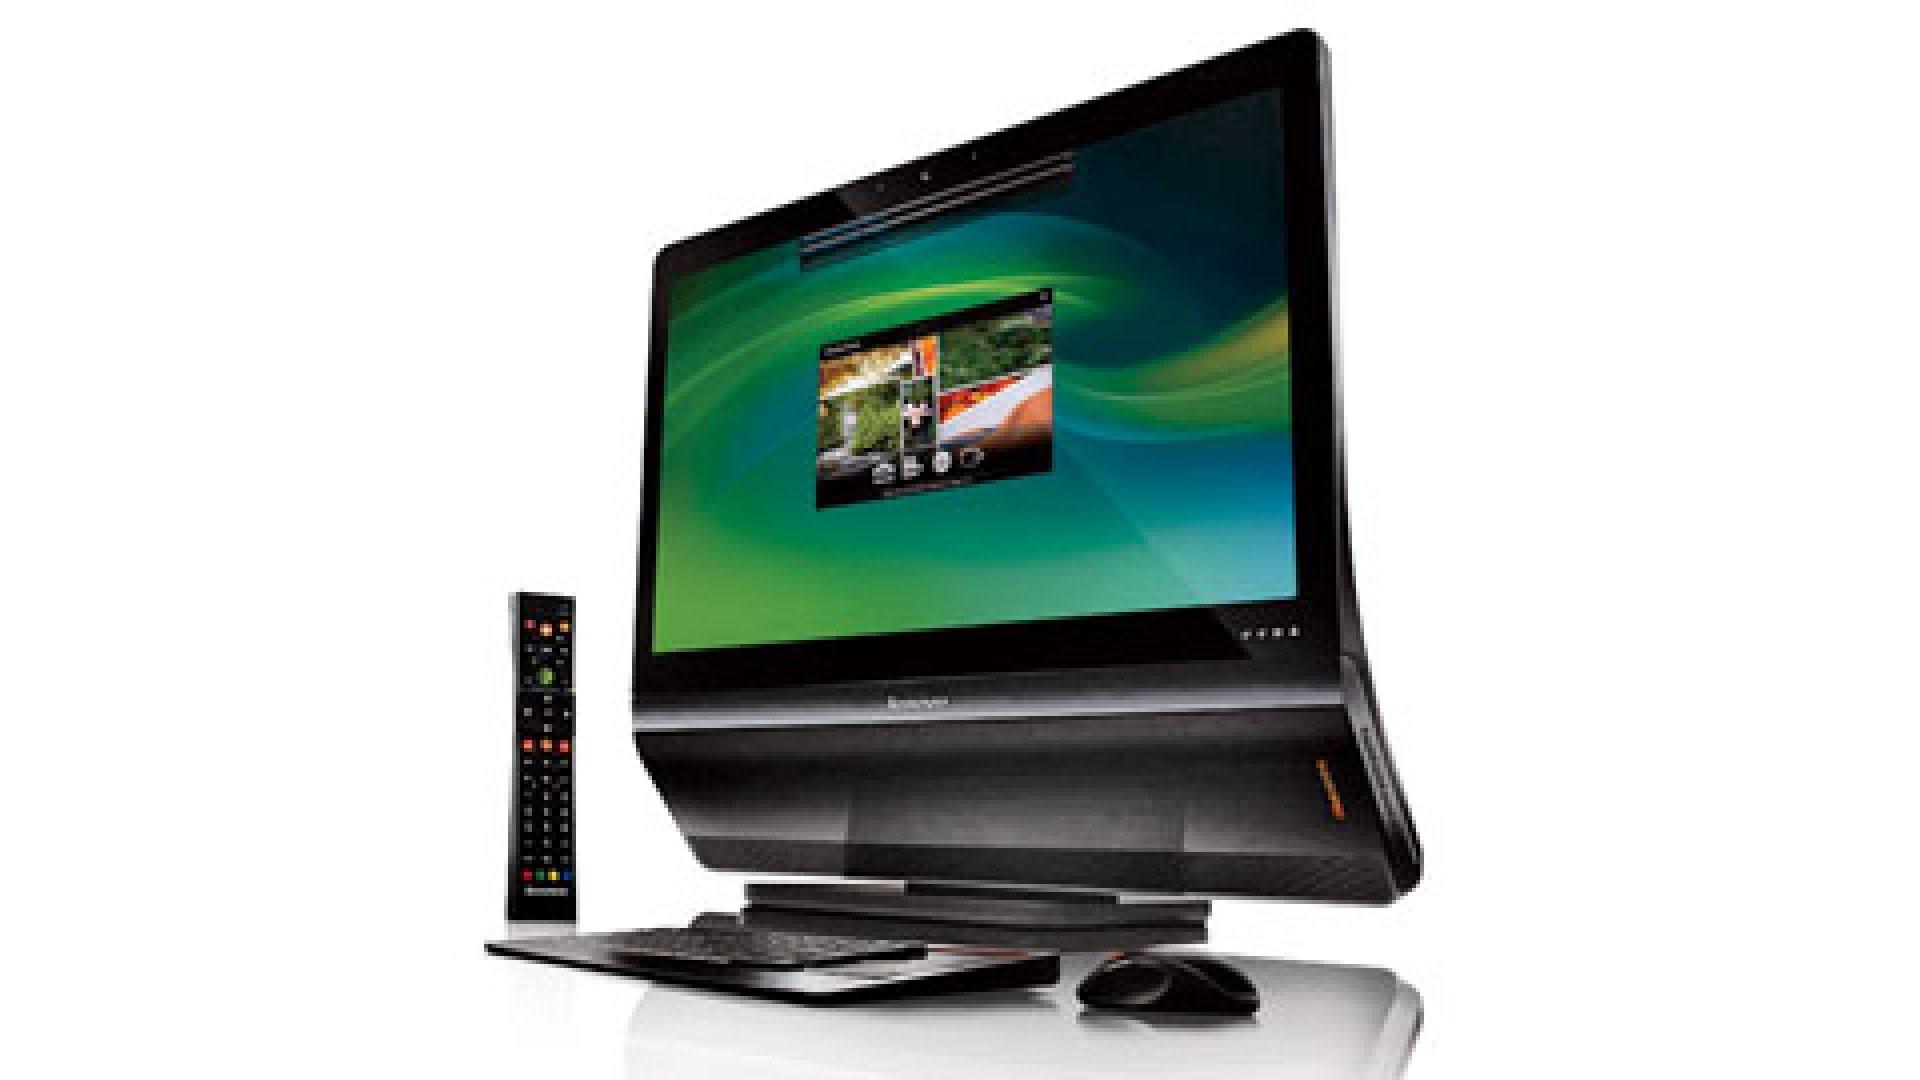 Lenovo IdeaCentre: Computer, TV, or Wii?